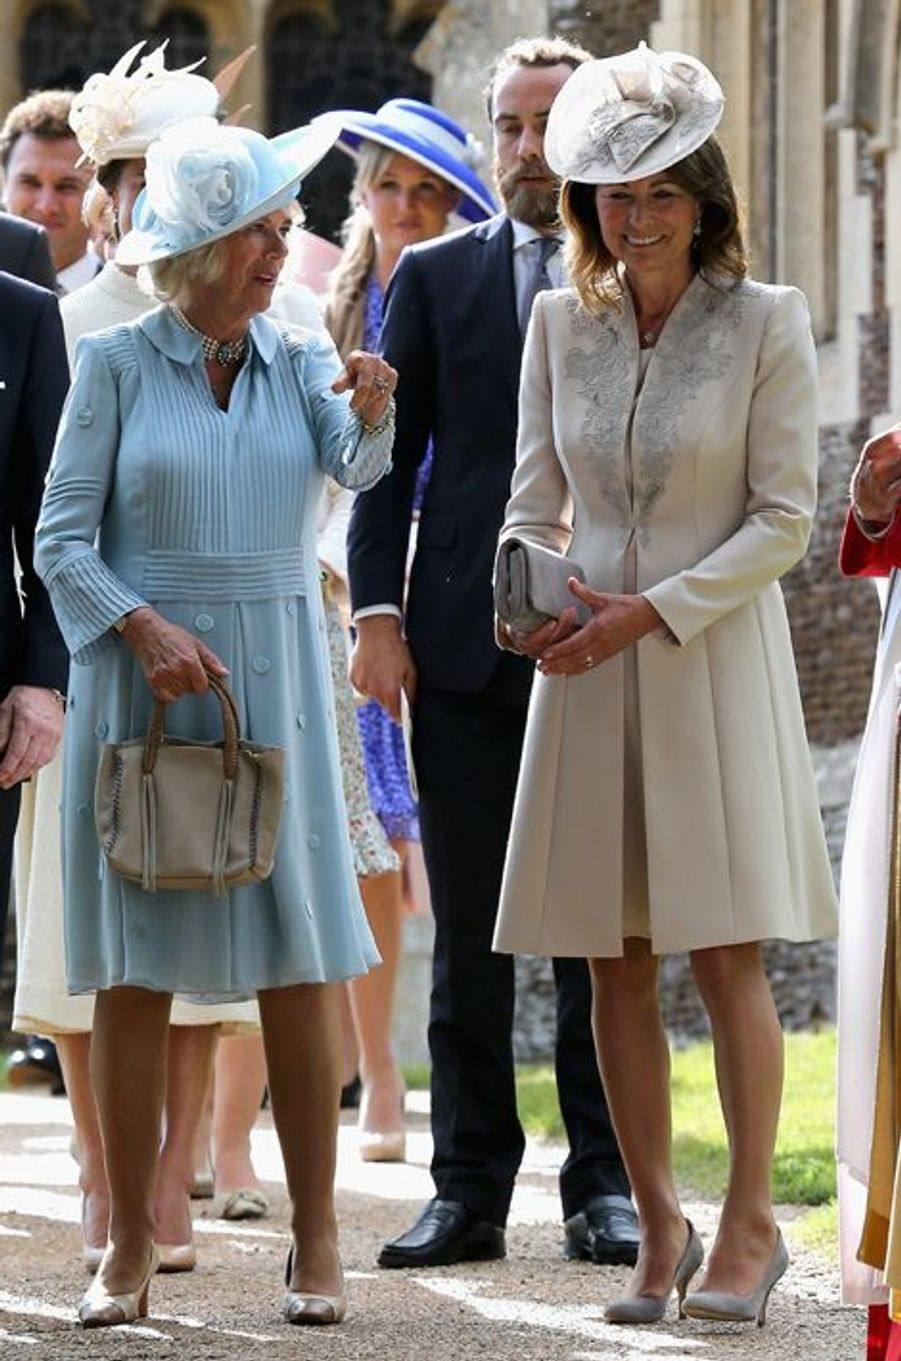 Camilla et Pippa Middleton au baptême de la princesse Charlotte à Sandringham, le 5 juillet 2015